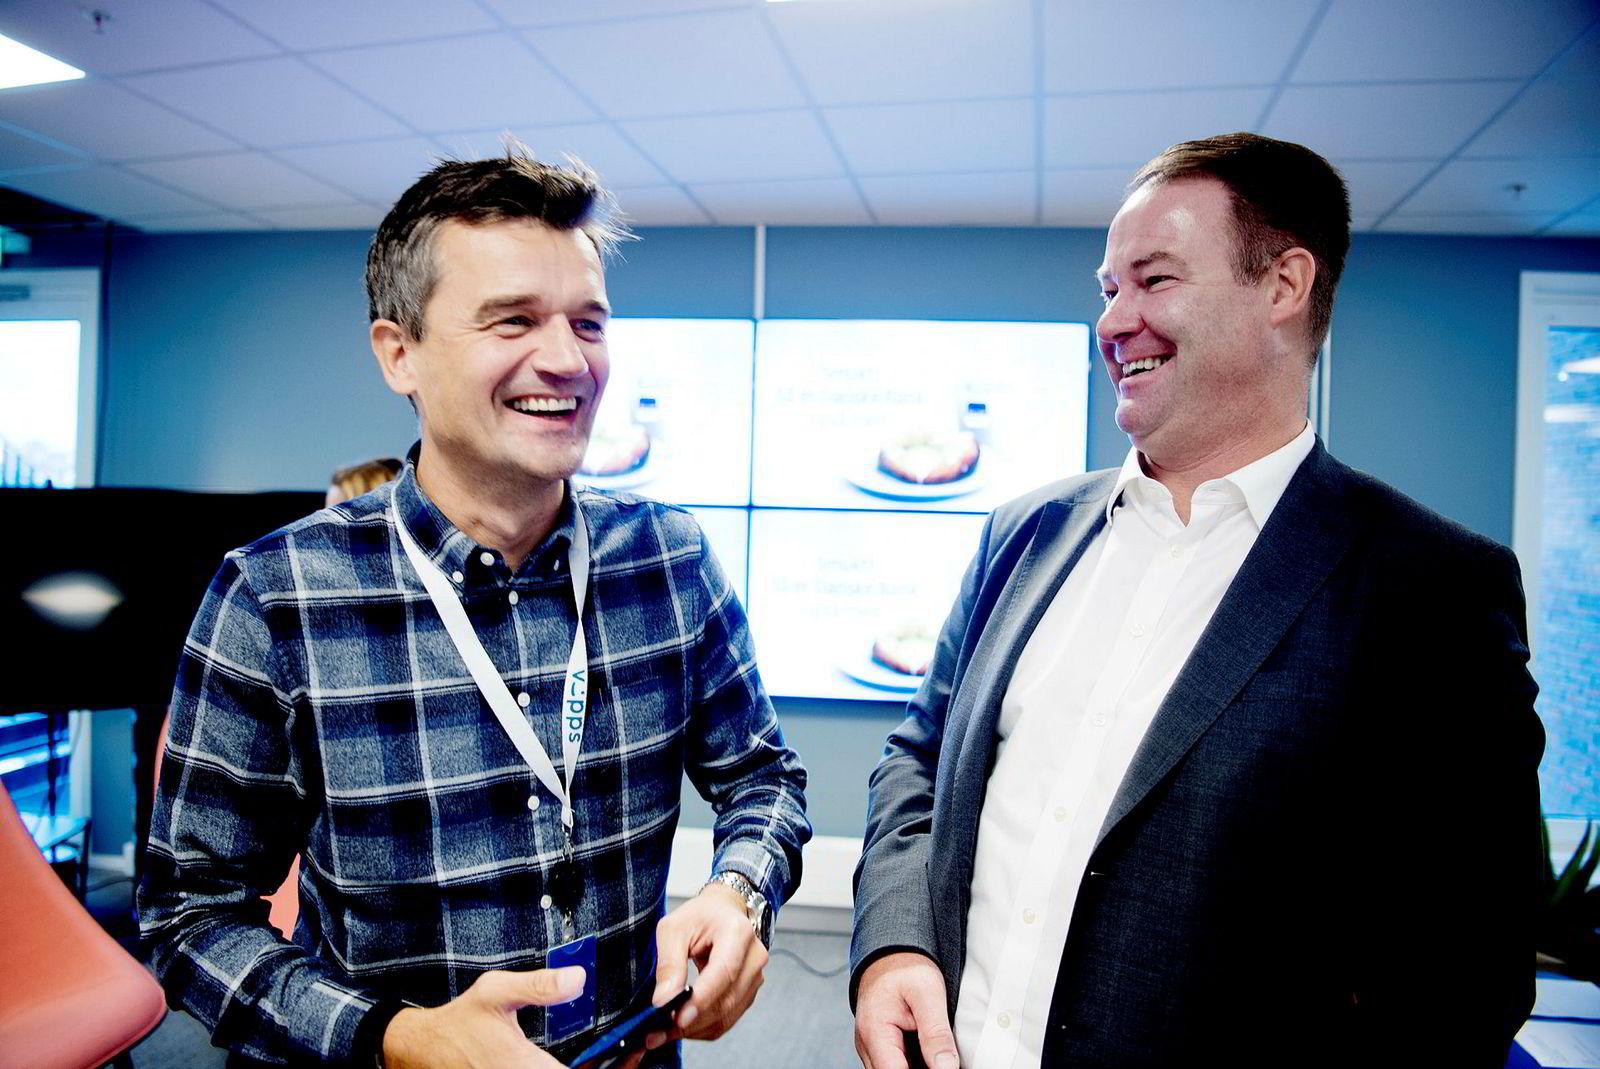 Vipps-sjef Rune Garborg (til venstre) og Danske Banks norgessjef Trond F. Mellingsæter fortalte om samarbeid i slutten av oktober. På forhånd hadde konsernsjefene i DNB og Danske Bank blitt enige.